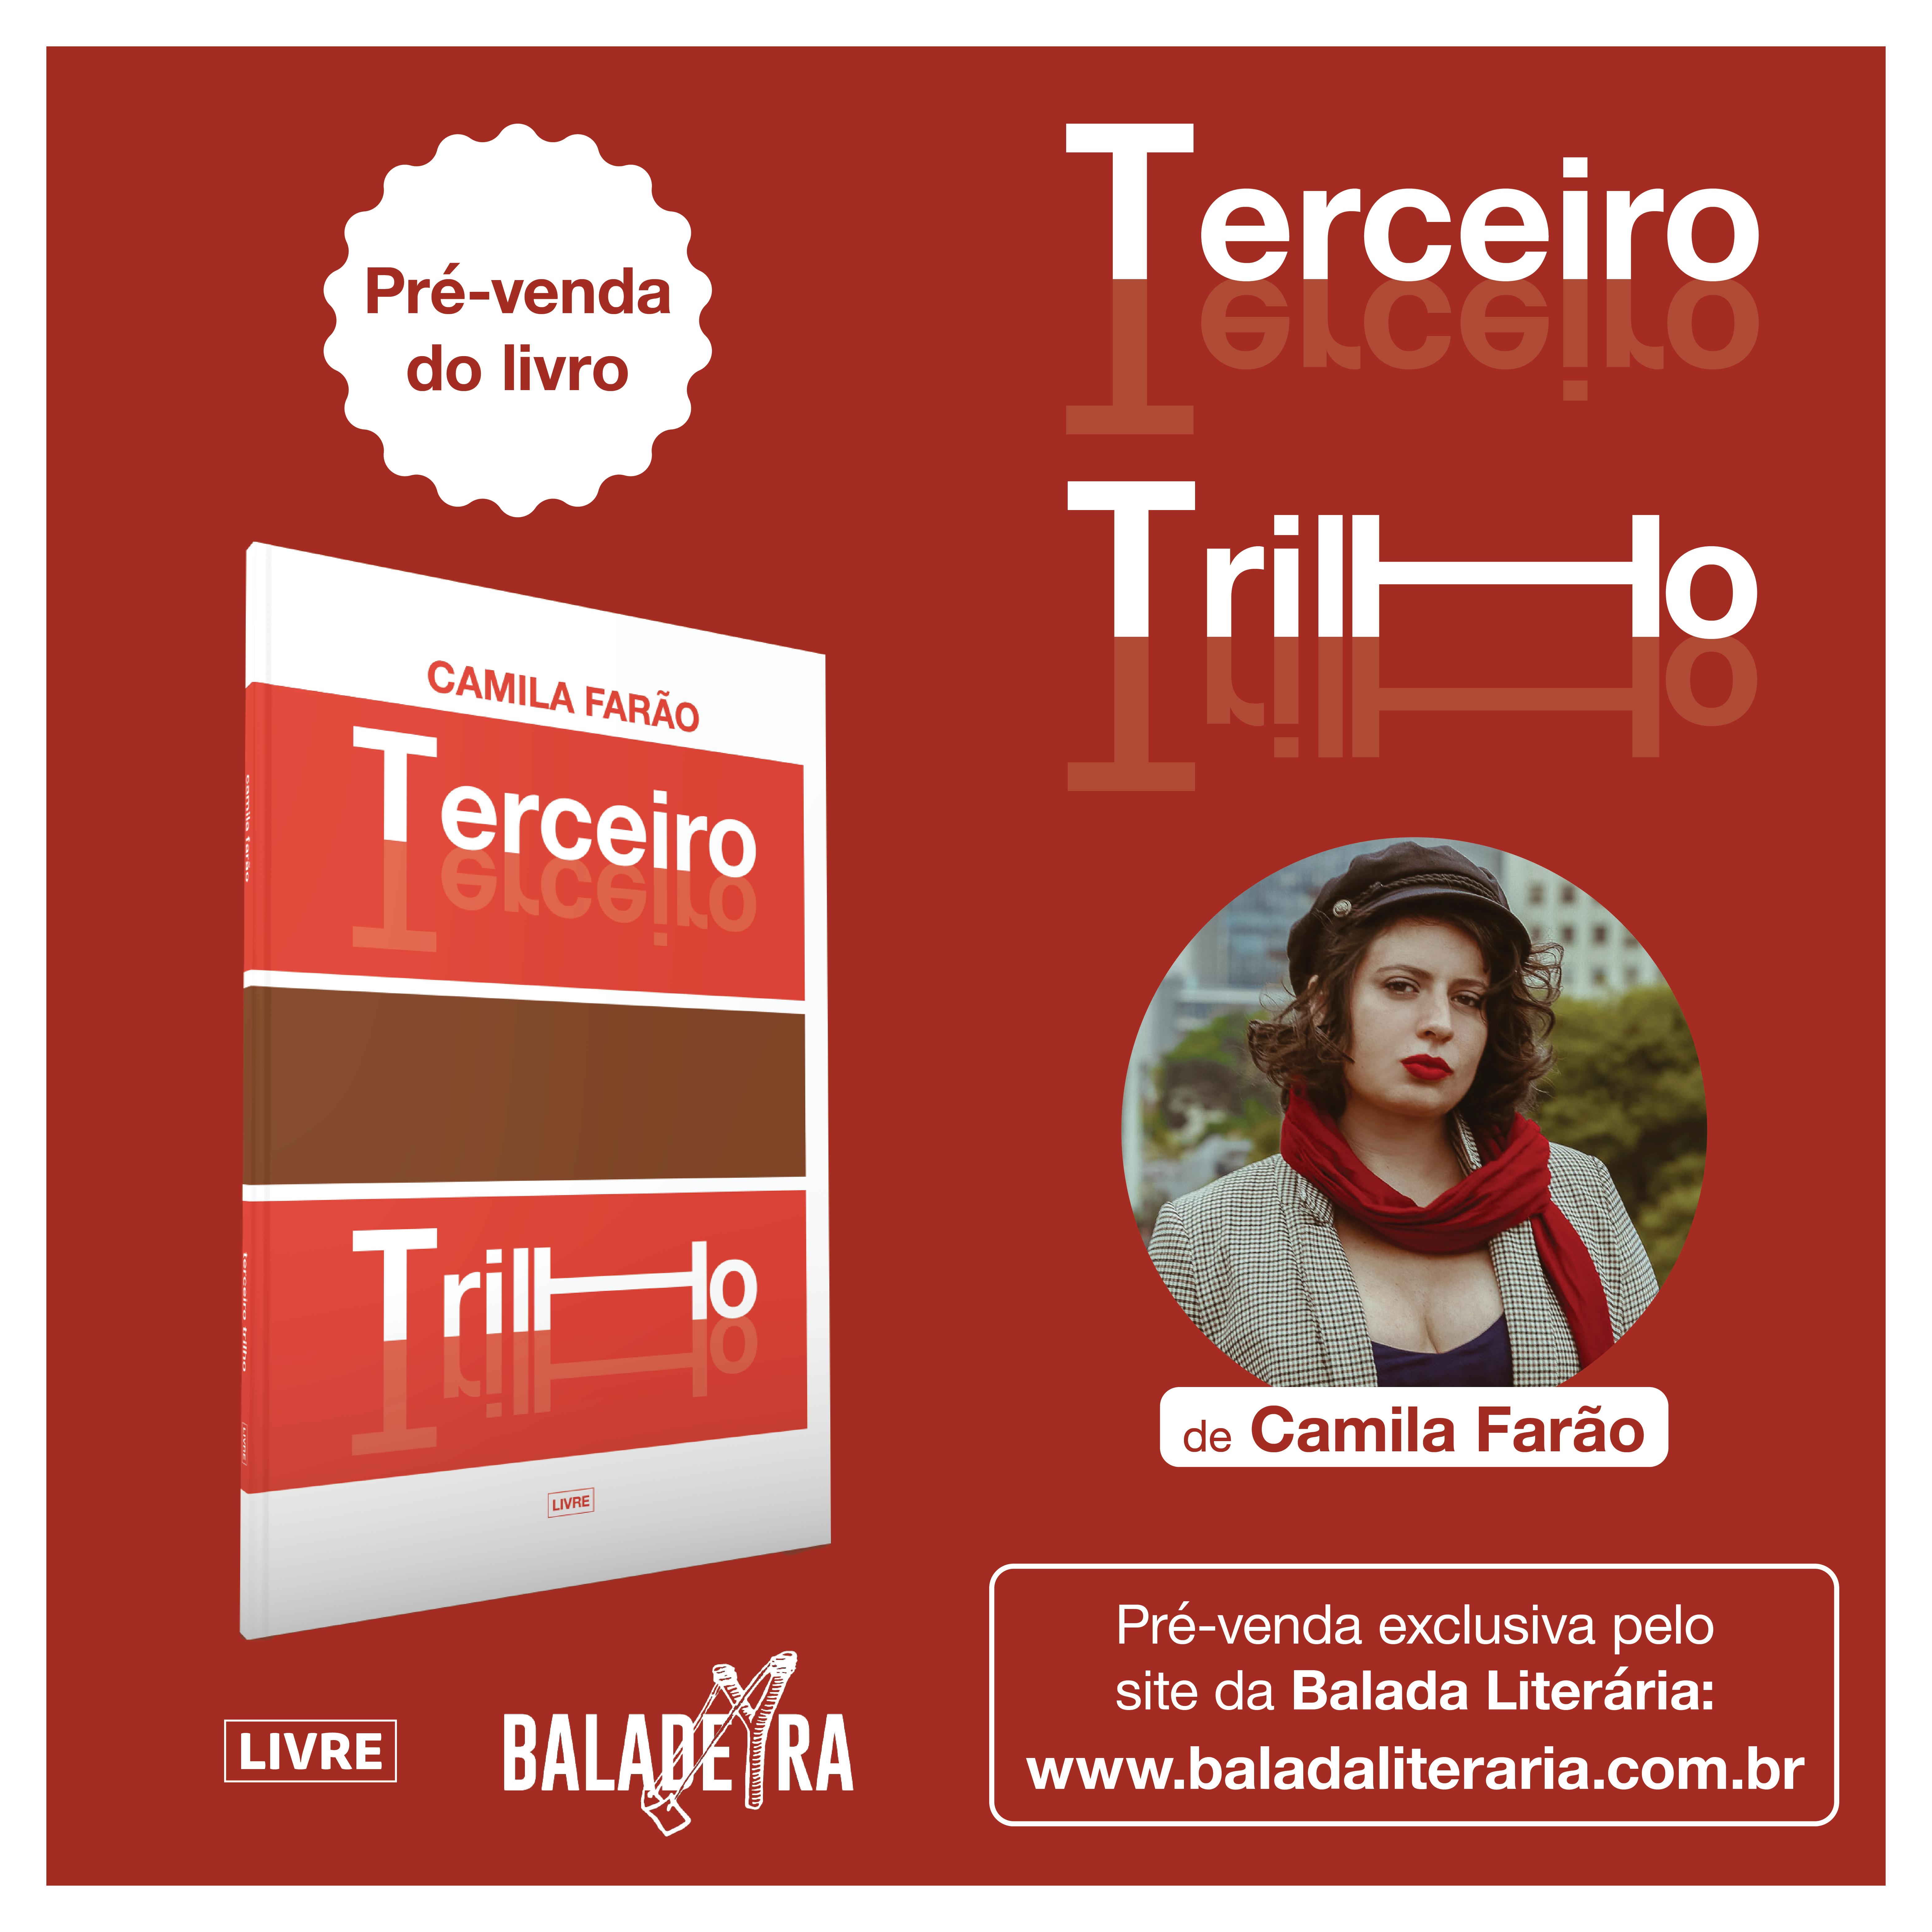 Pré-venda do livro 'terceiro trilho', de Camila Farão